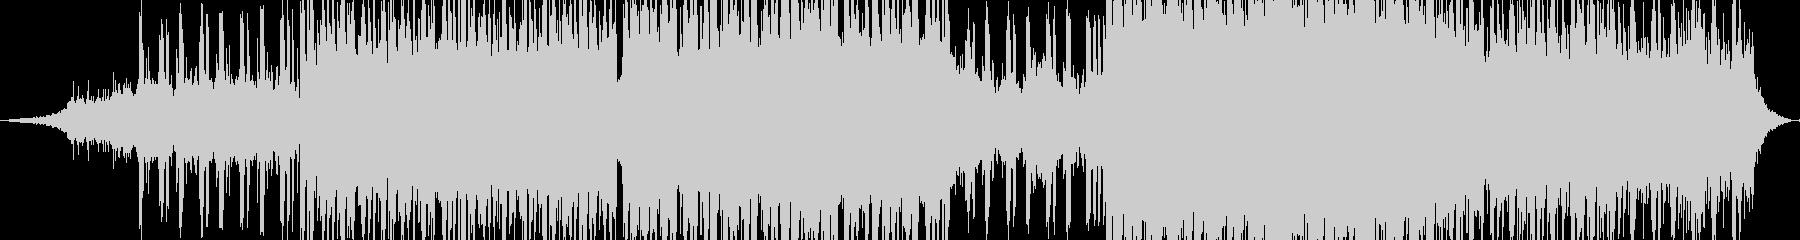 ピアノベースエレクトロヒップホップBGMの未再生の波形